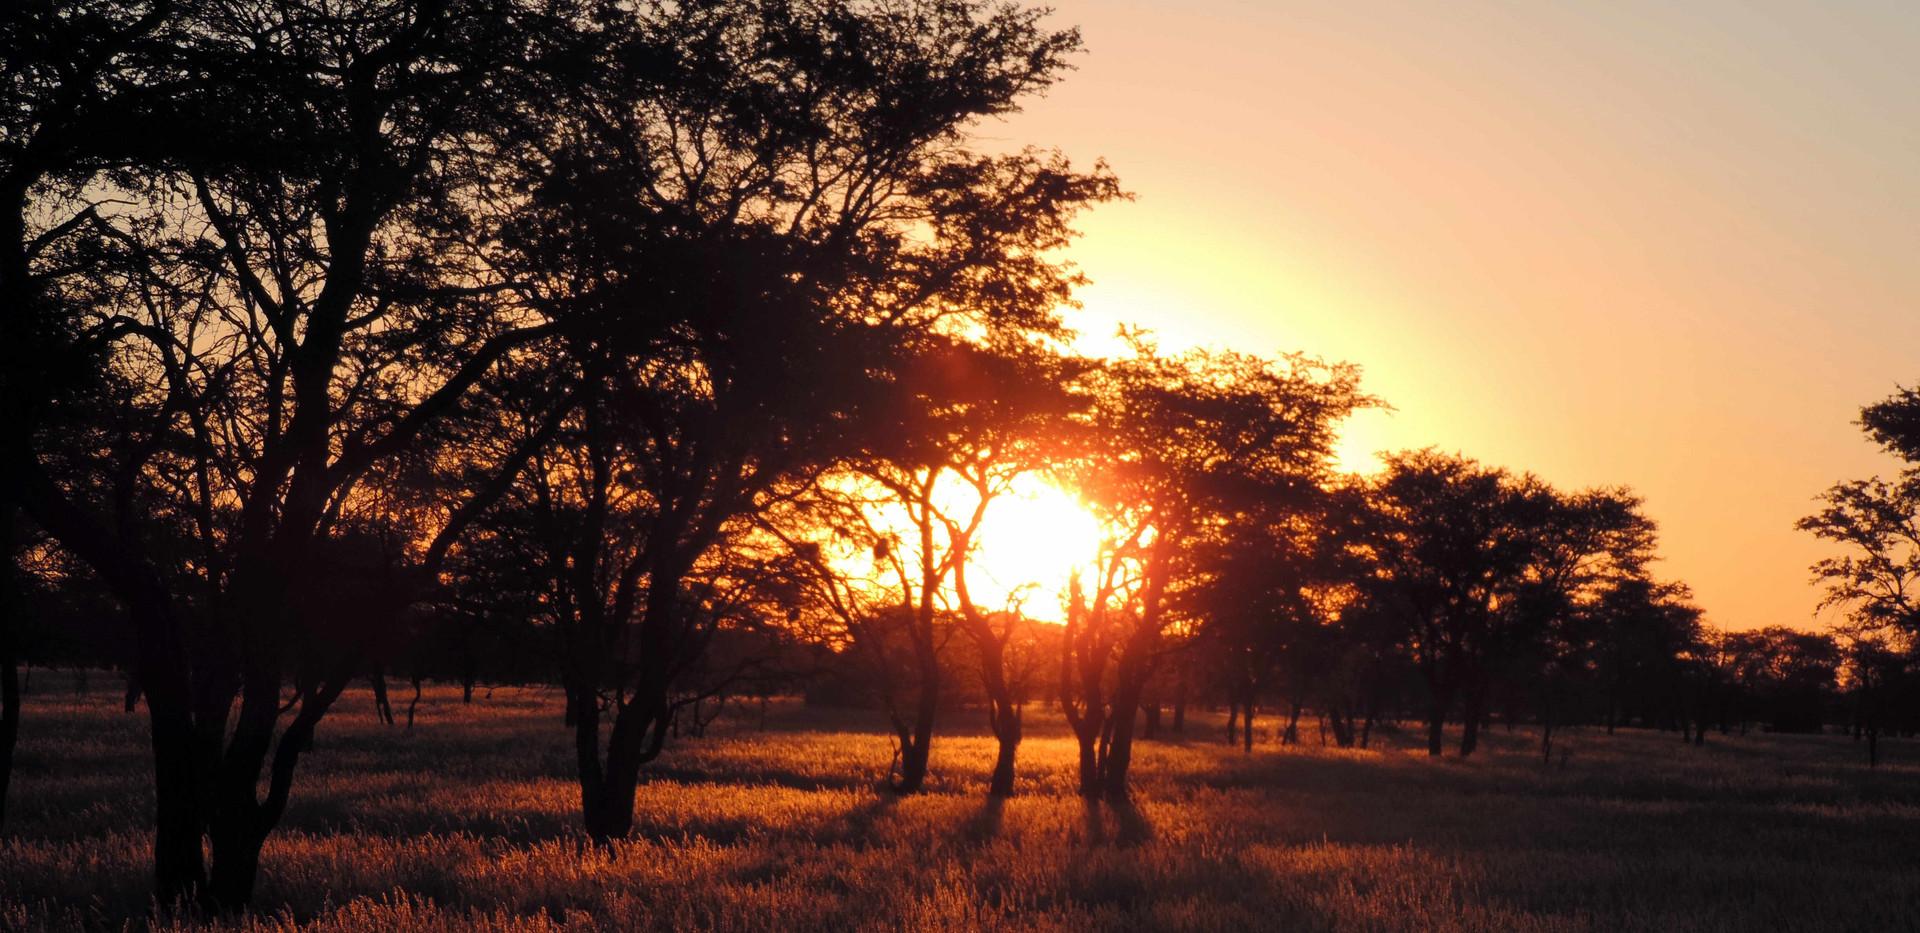 Sonnenuntergang8_beschriftet.jpg